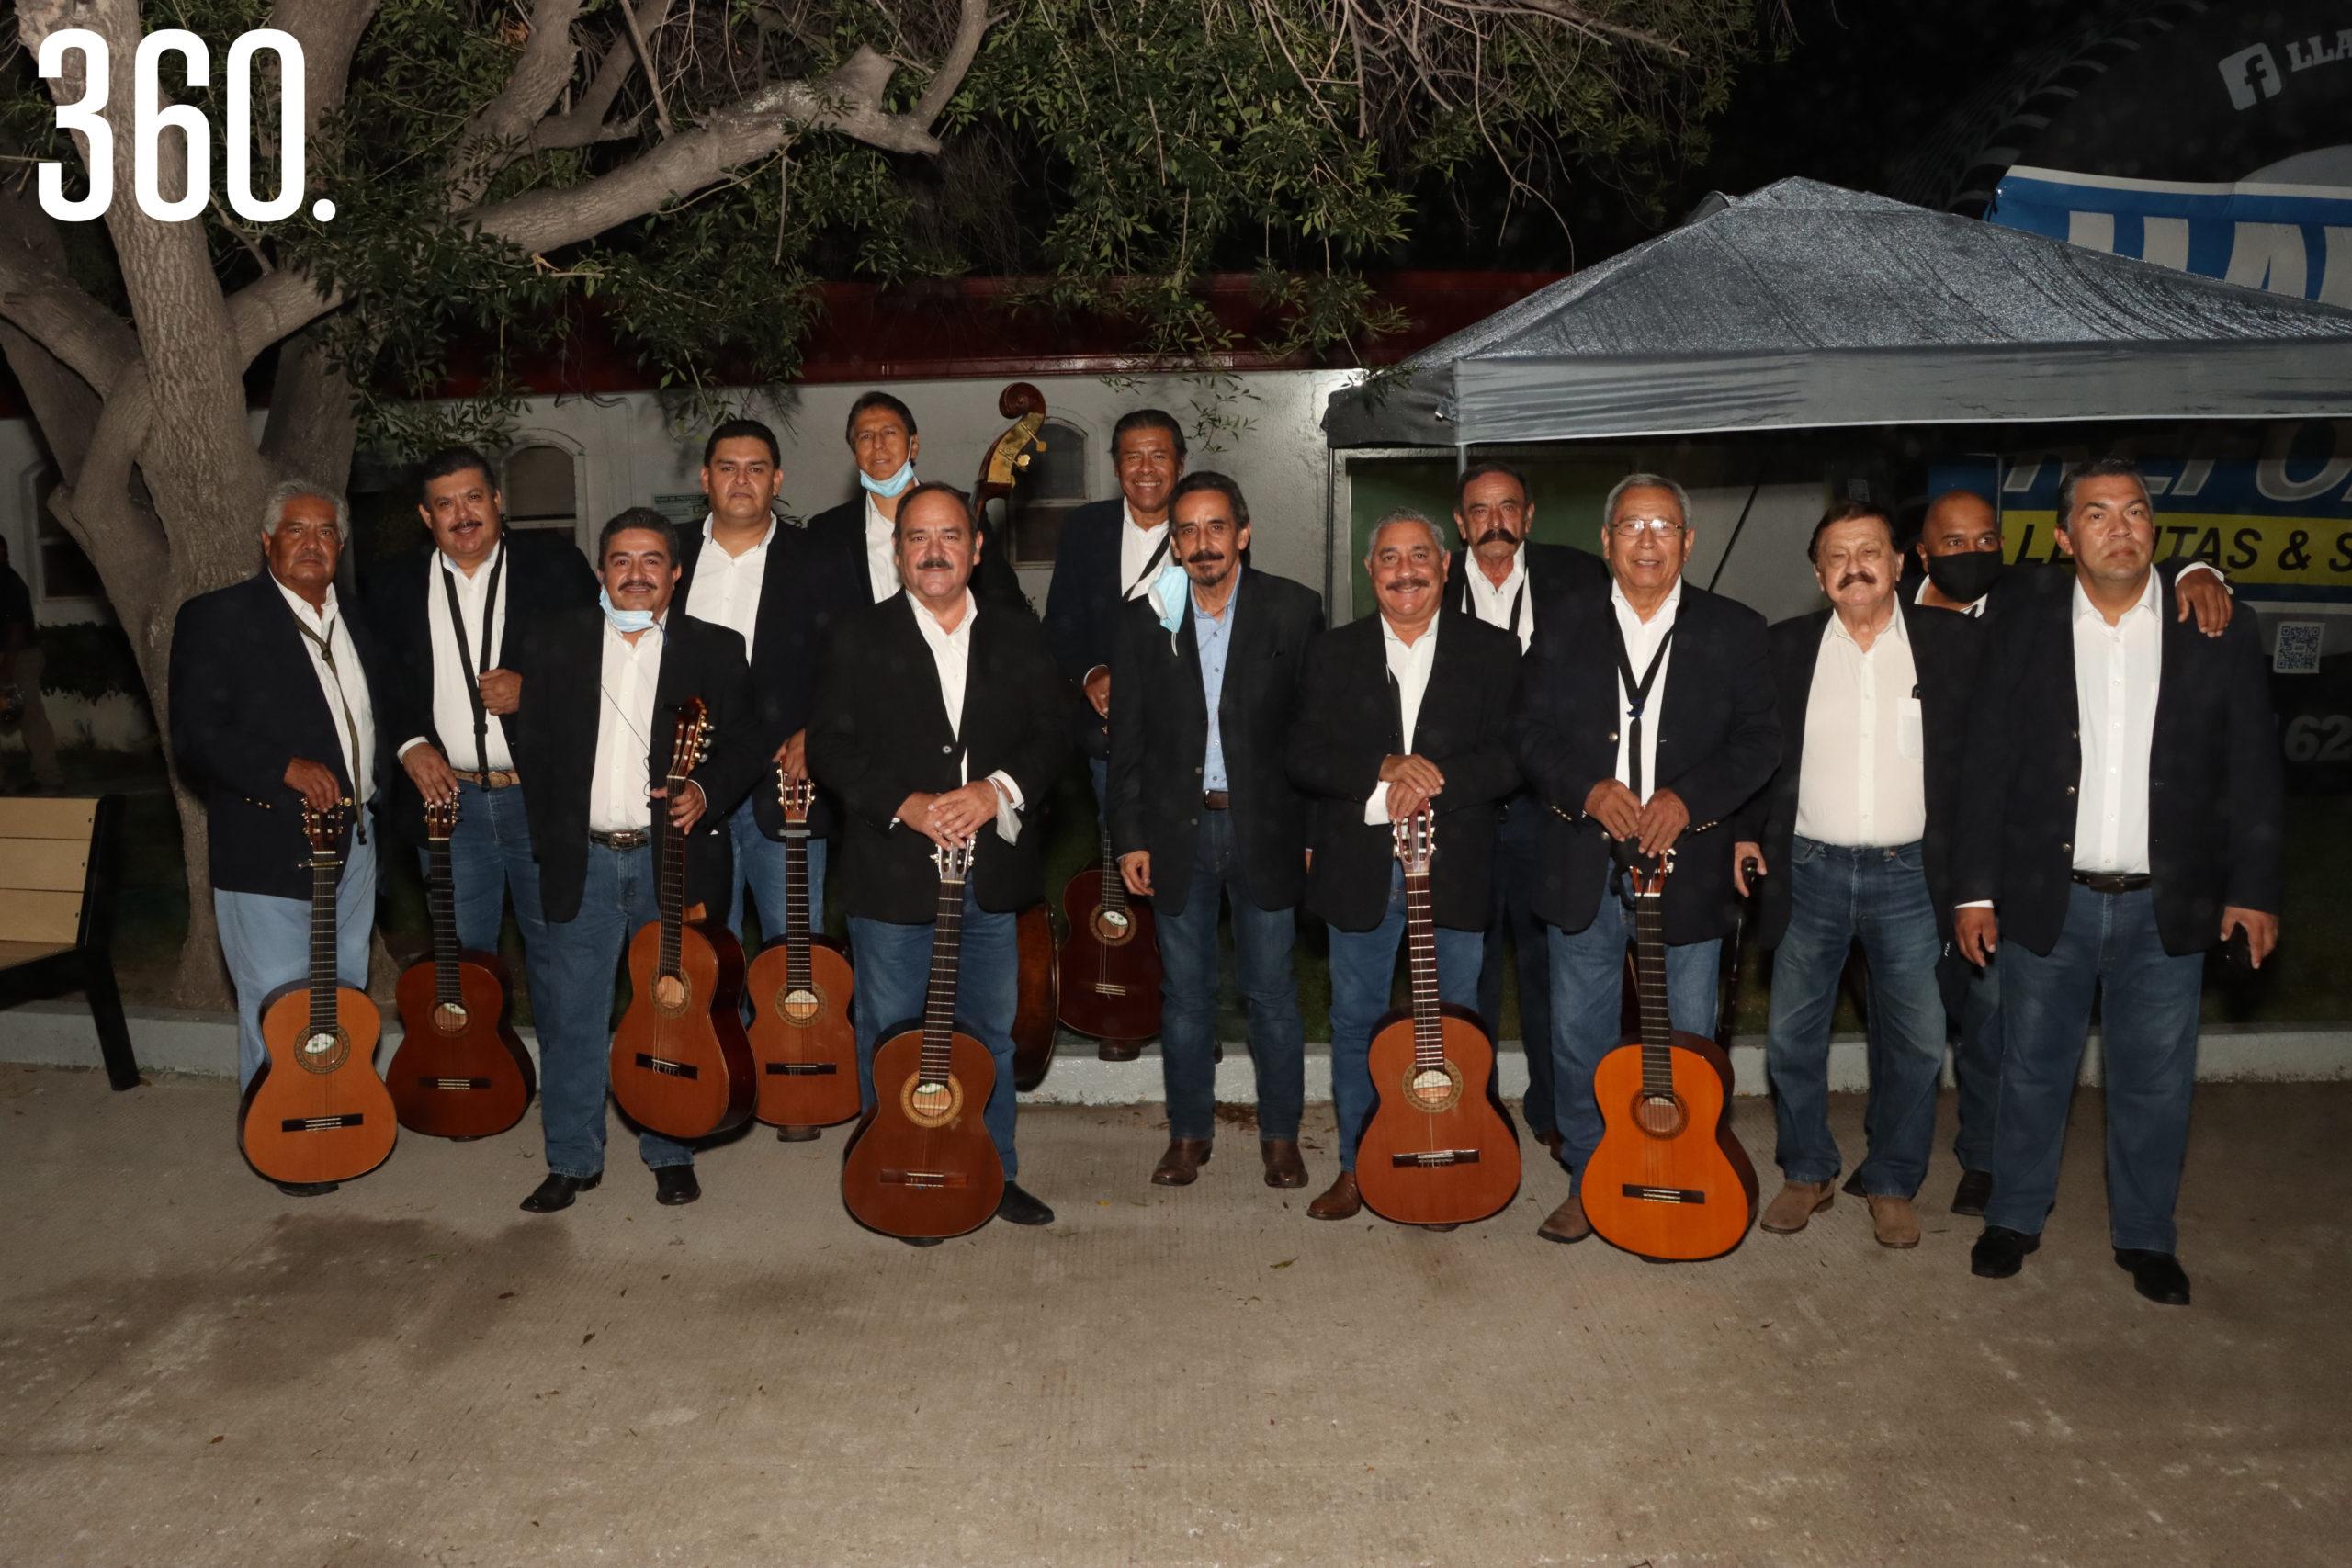 Los ex integrantes de la Rondalla de Saltillo se presentaron de sorpresa para homenajear a su ex director y fundador Carlos Mery Milán.